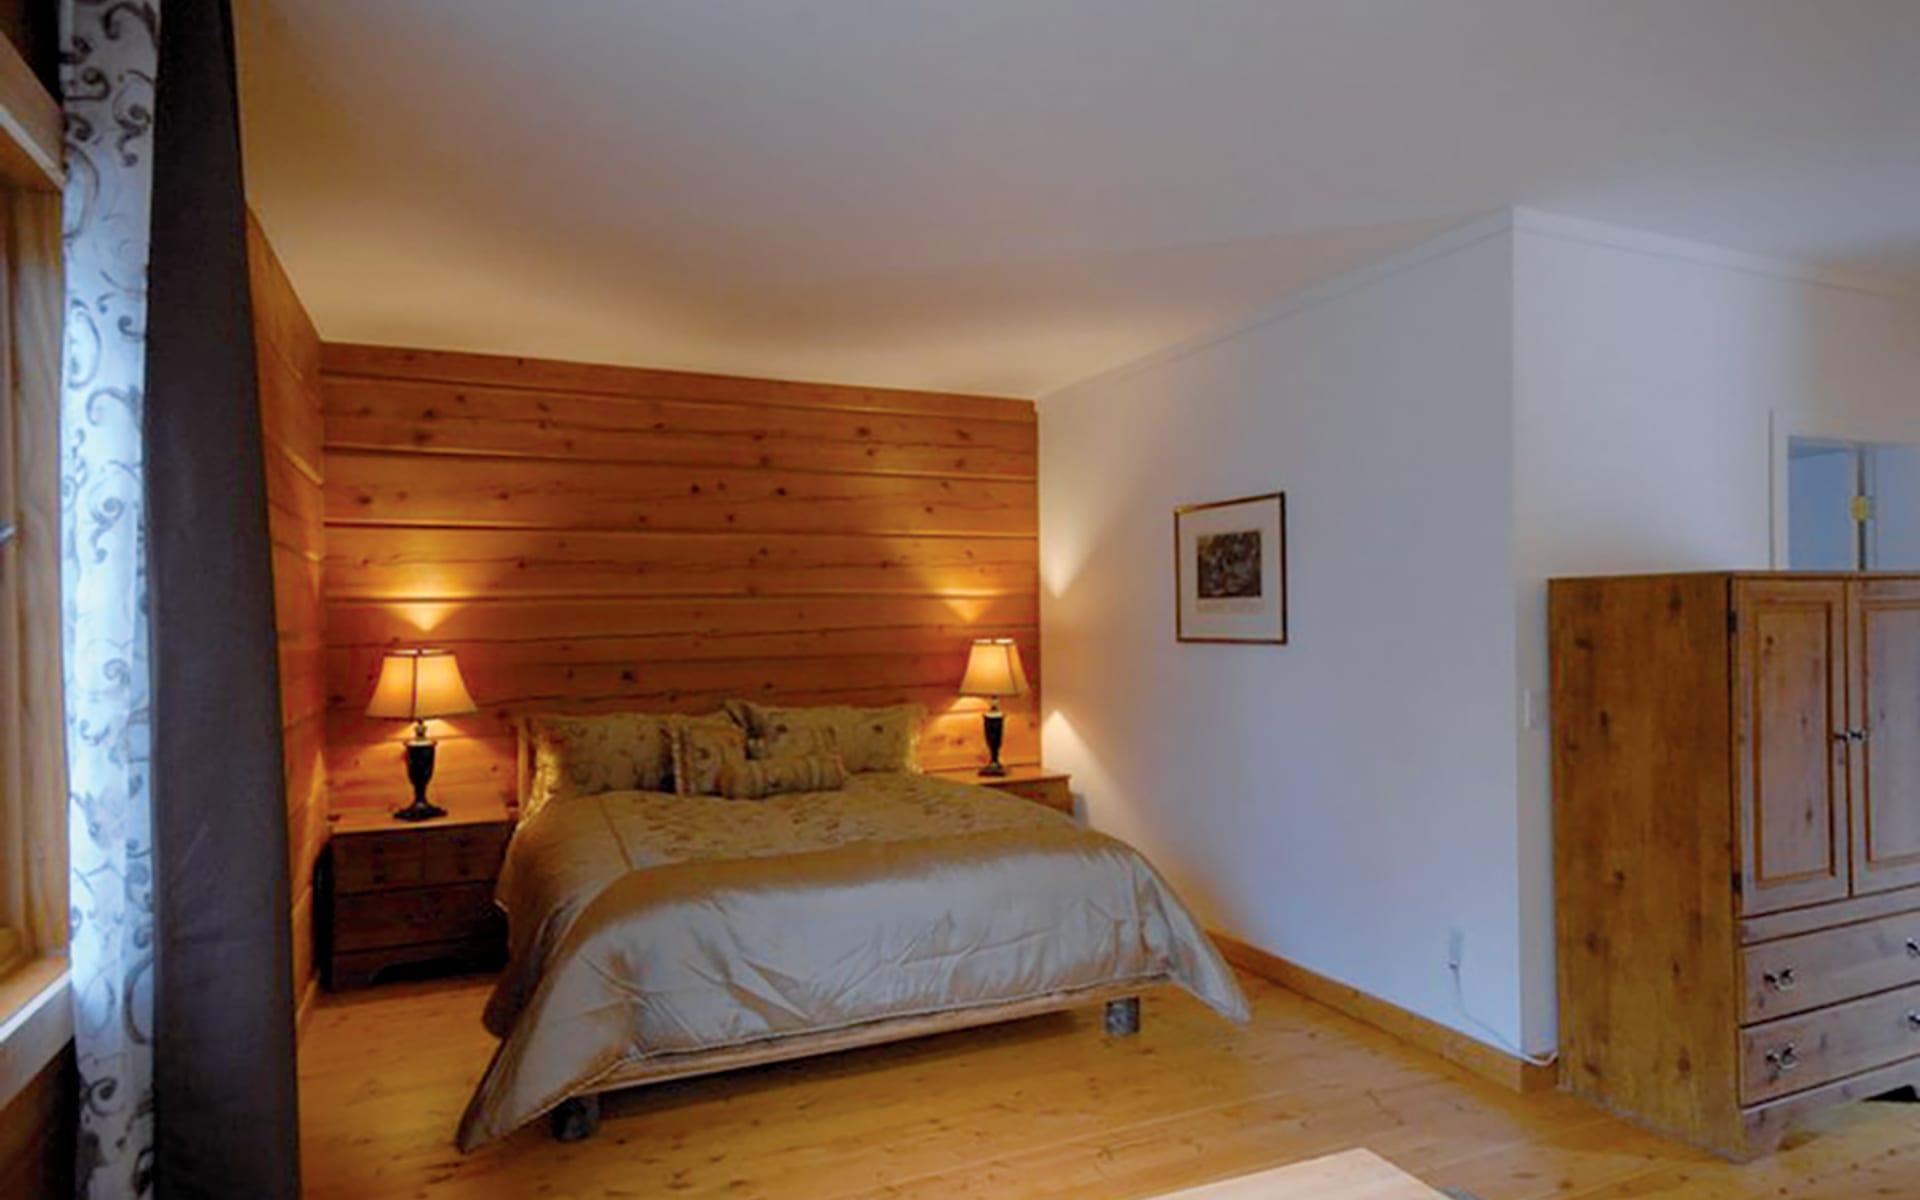 Moul Creek Lodge in Clearwater:  2015_171_Moul Creek Lodge